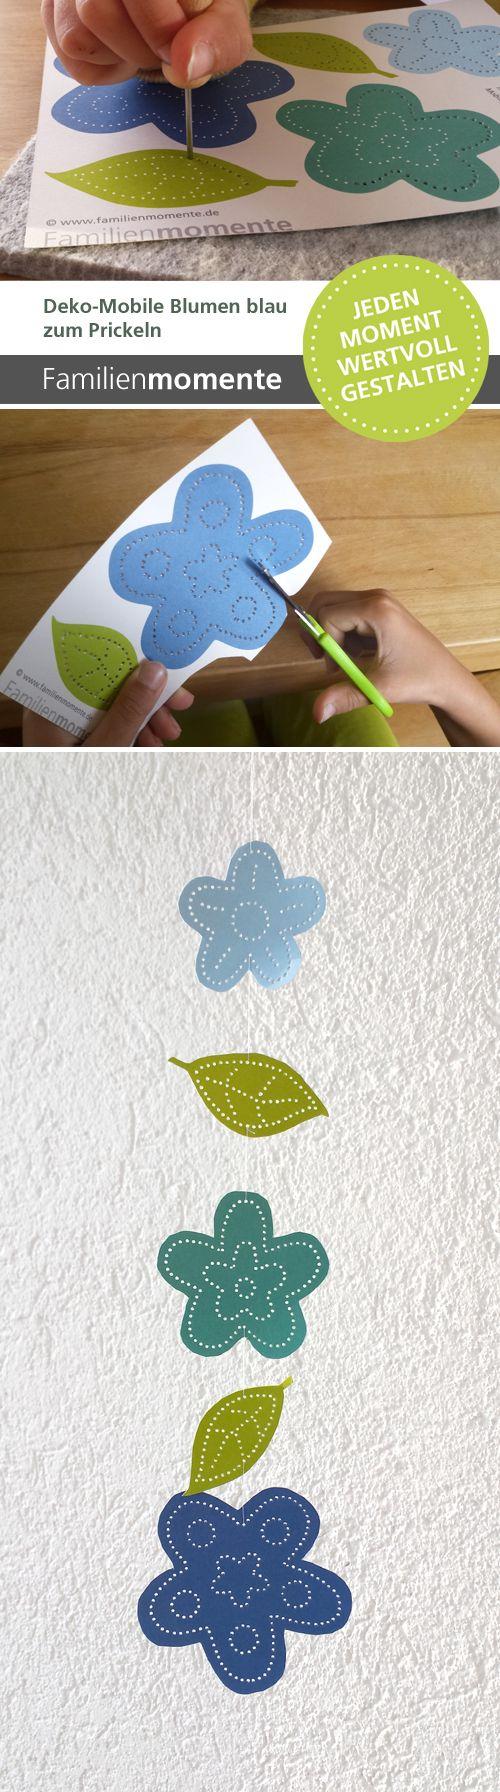 Deko-Mobiles zum Prickeln - mit blauen Blumen und Blättern - ergibt ein schönes Mobile oder eine Girlande - sieht wunderschön vor dem Fenster aus - wo das Licht hindurch scheint. Prickeln - alte Basteltechnik neu entdeckt - zur Förderung der Feinmotorik und Konzentration.